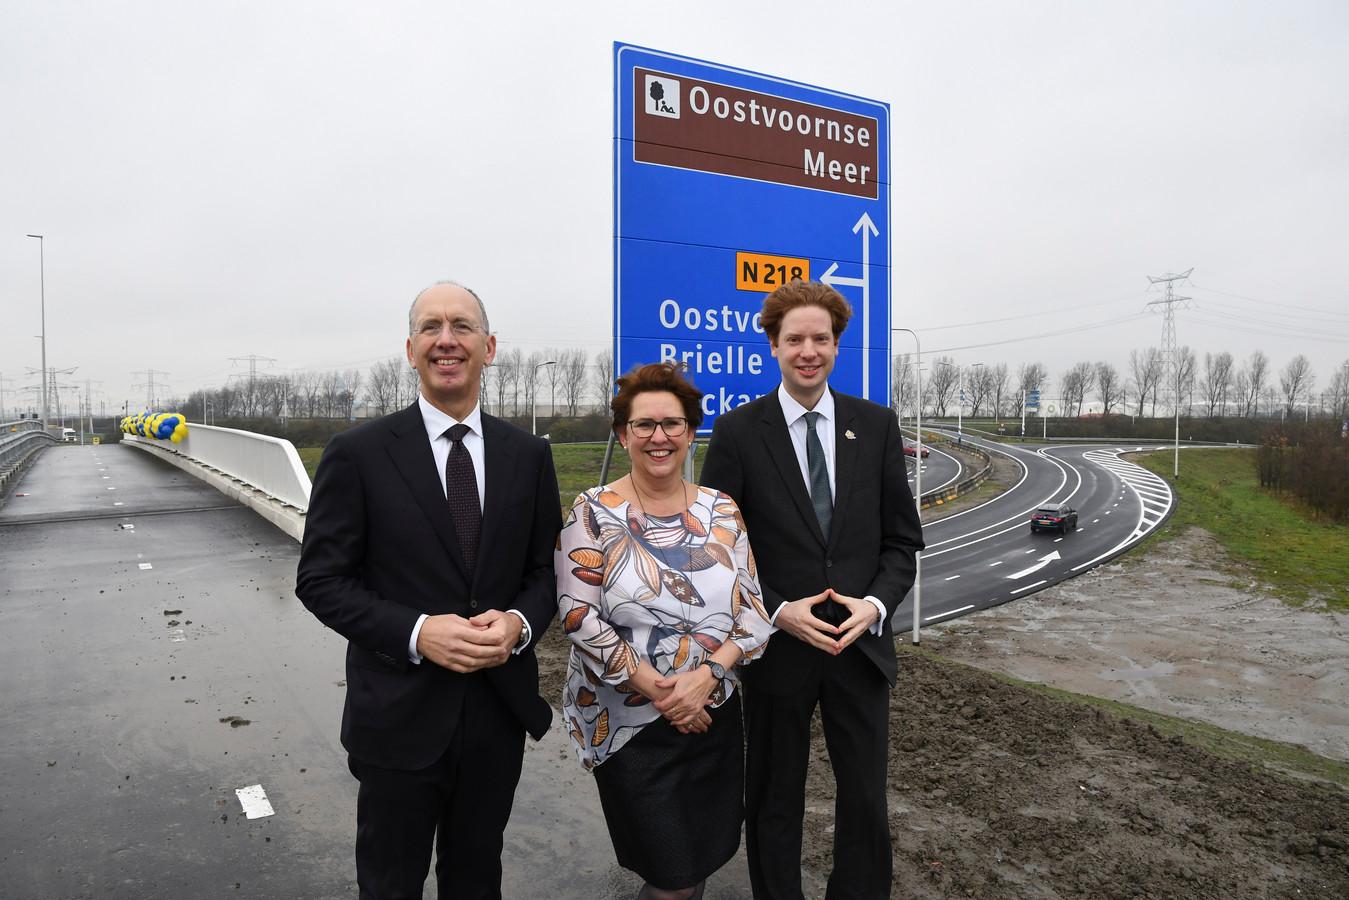 De afronding van de herinrichting van het Stenen Baakplein, met de bouw van een viaduct, is gisteren gevierd. Directeur Ronald Paul van het Havenbedrijf (links op foto), de Westvoornse wethouder Paméla Blok (midden) en gedeputeerde Floor Vermeulen (rechts) zijn  verheugd.